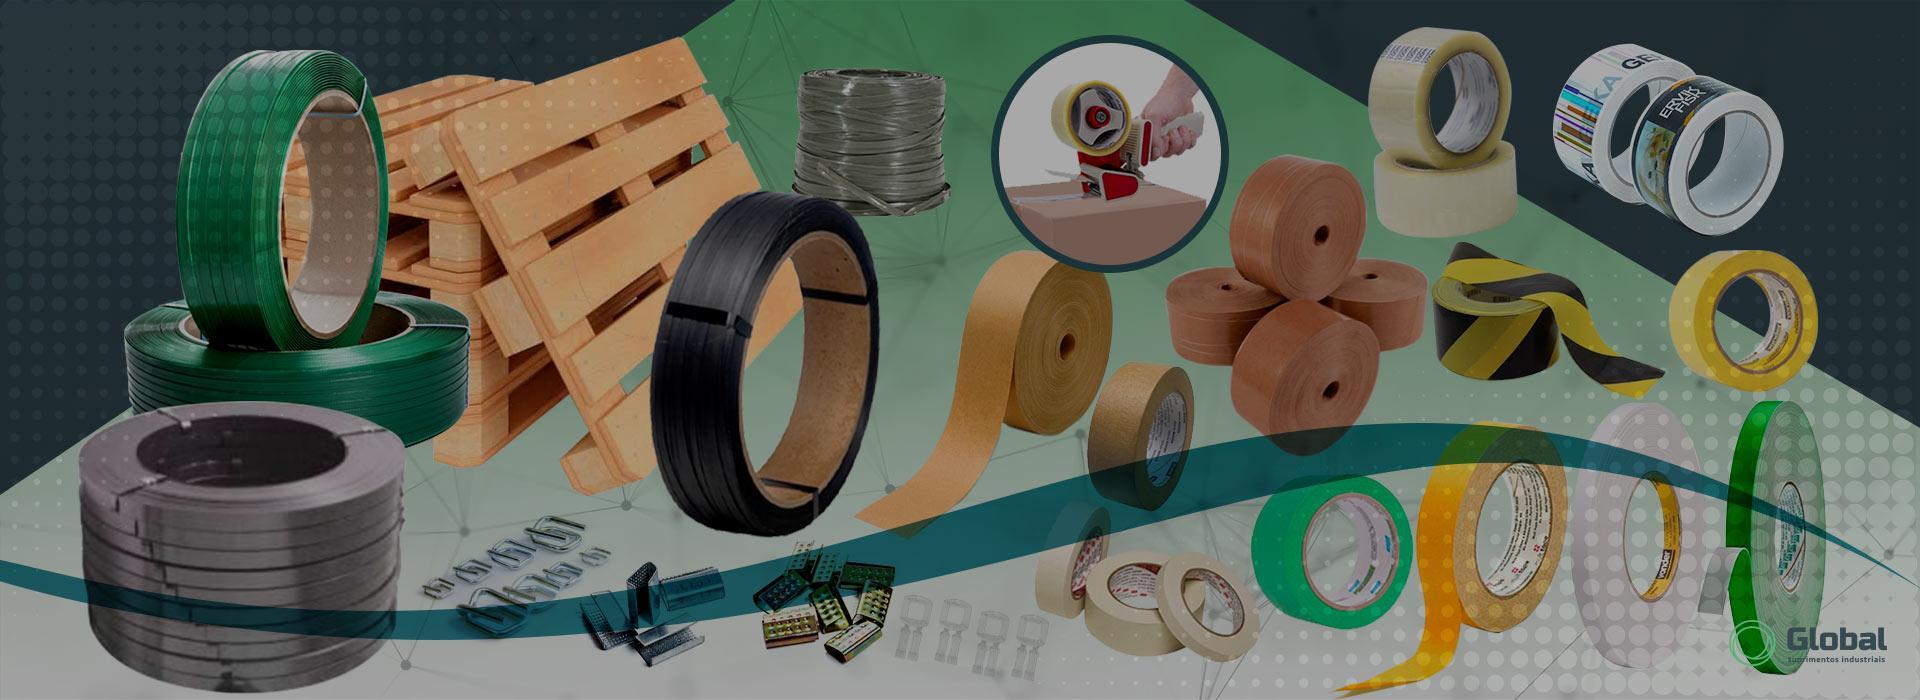 Entregamos uma solução completa em embalagens para seu negócio!